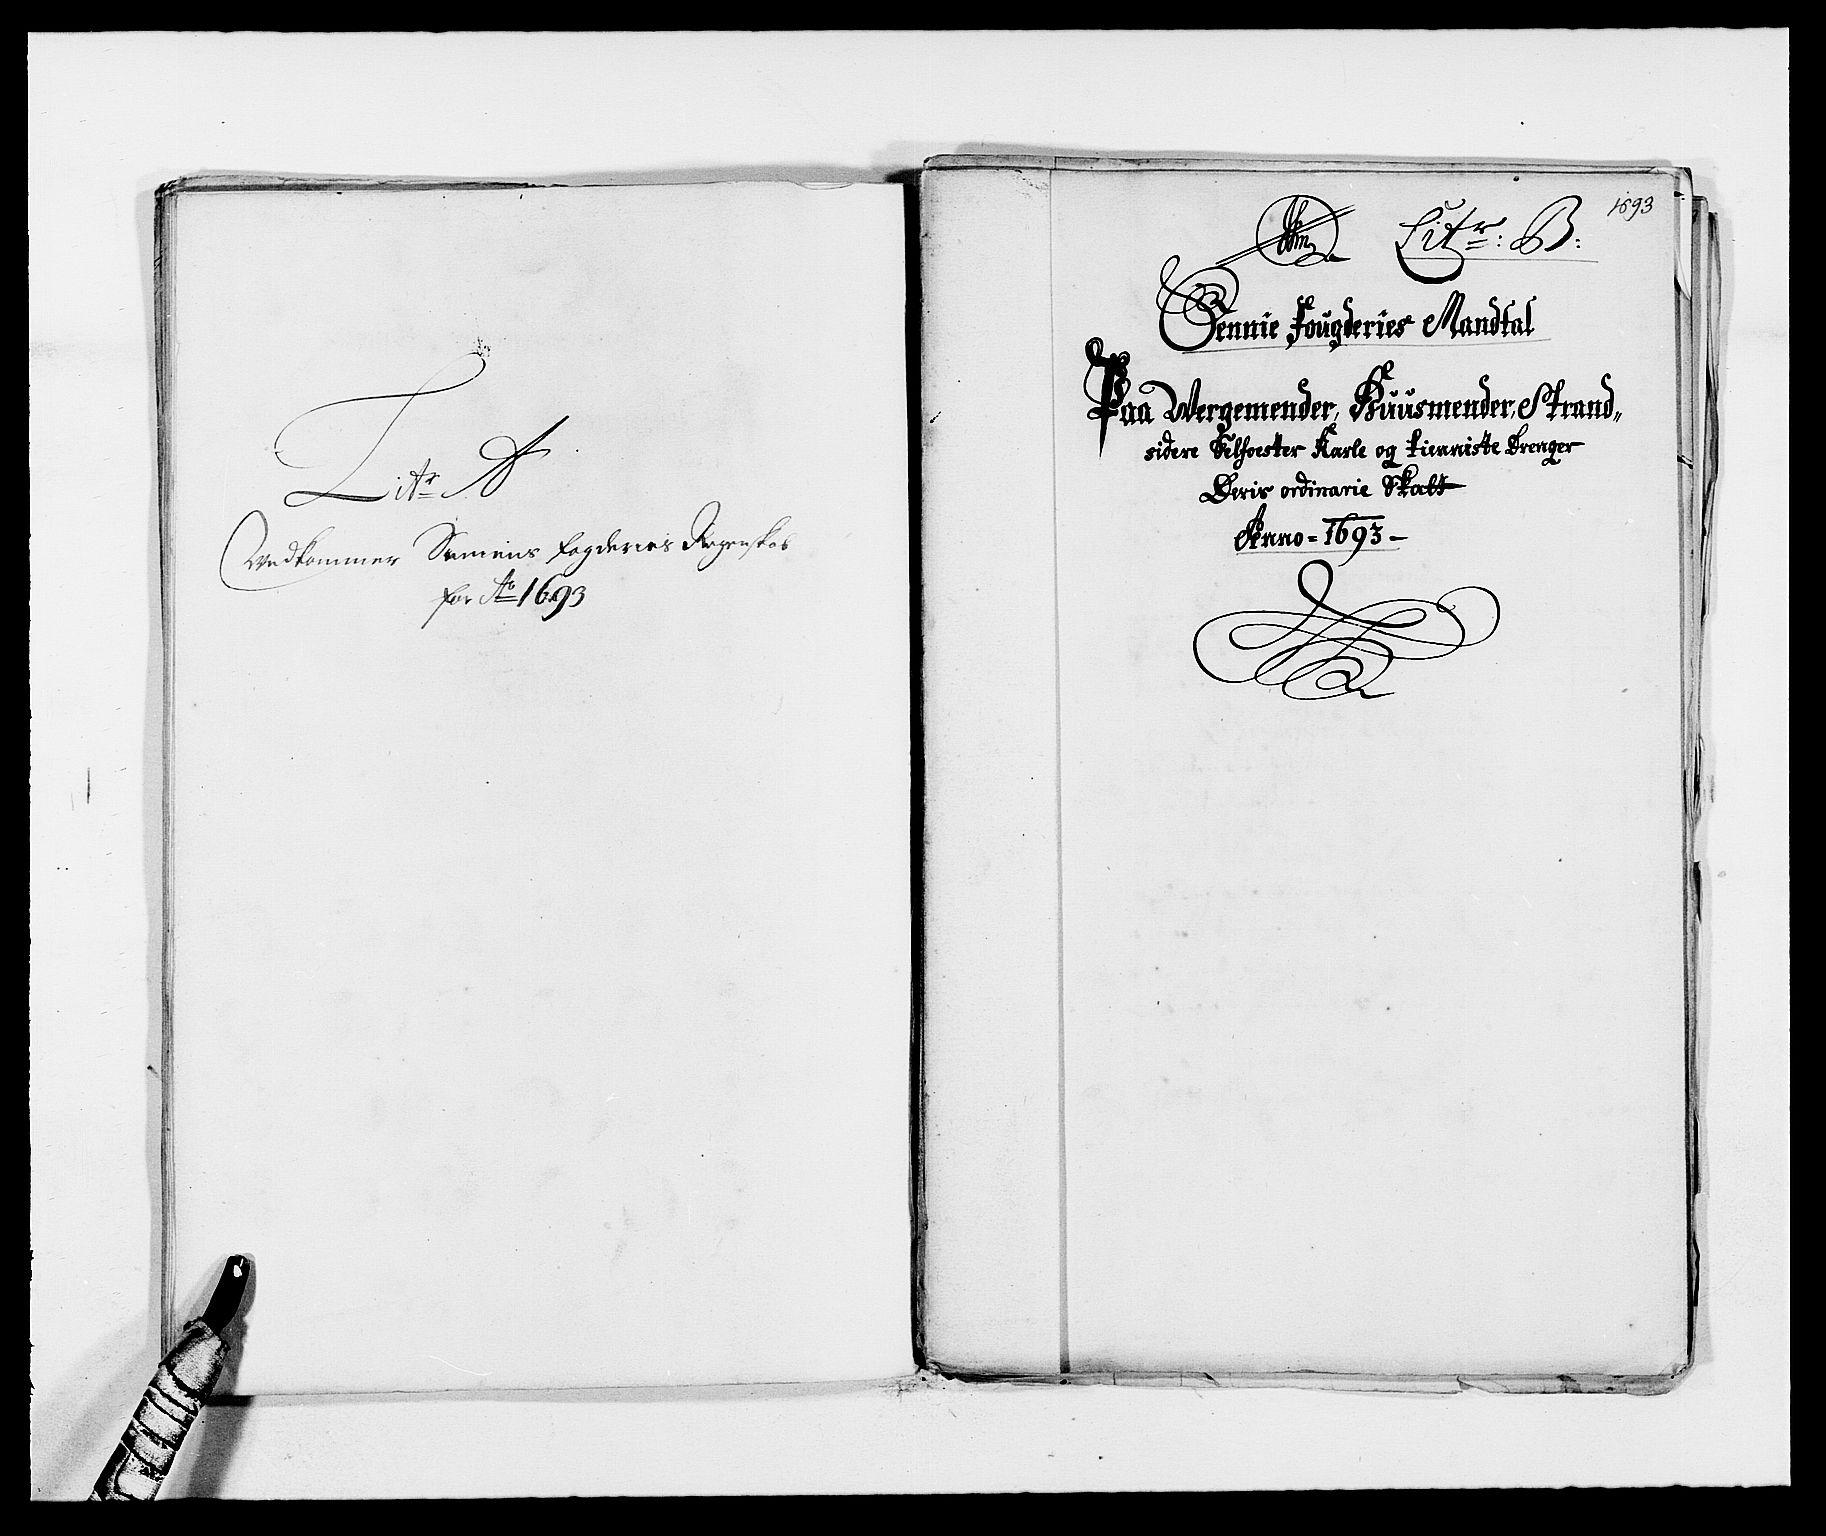 RA, Rentekammeret inntil 1814, Reviderte regnskaper, Fogderegnskap, R68/L4752: Fogderegnskap Senja og Troms, 1691-1693, s. 355